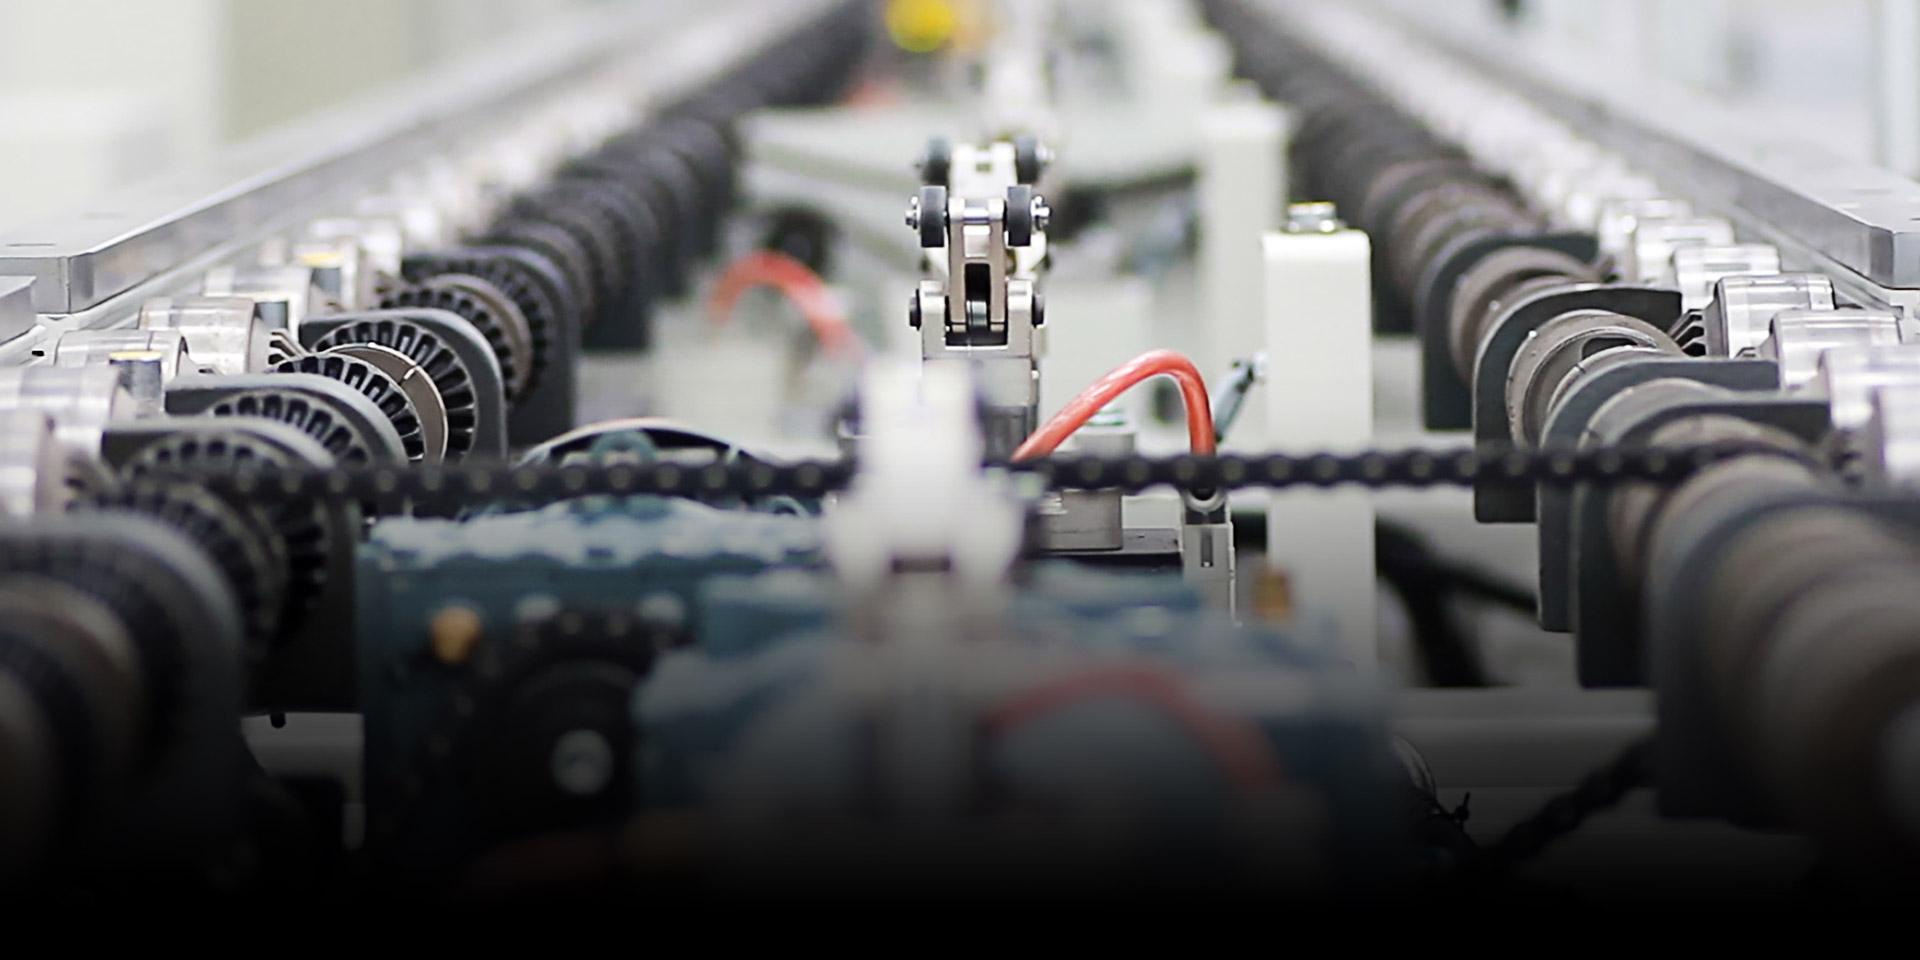 艾睿光电红外热成像仪应用于智能工业